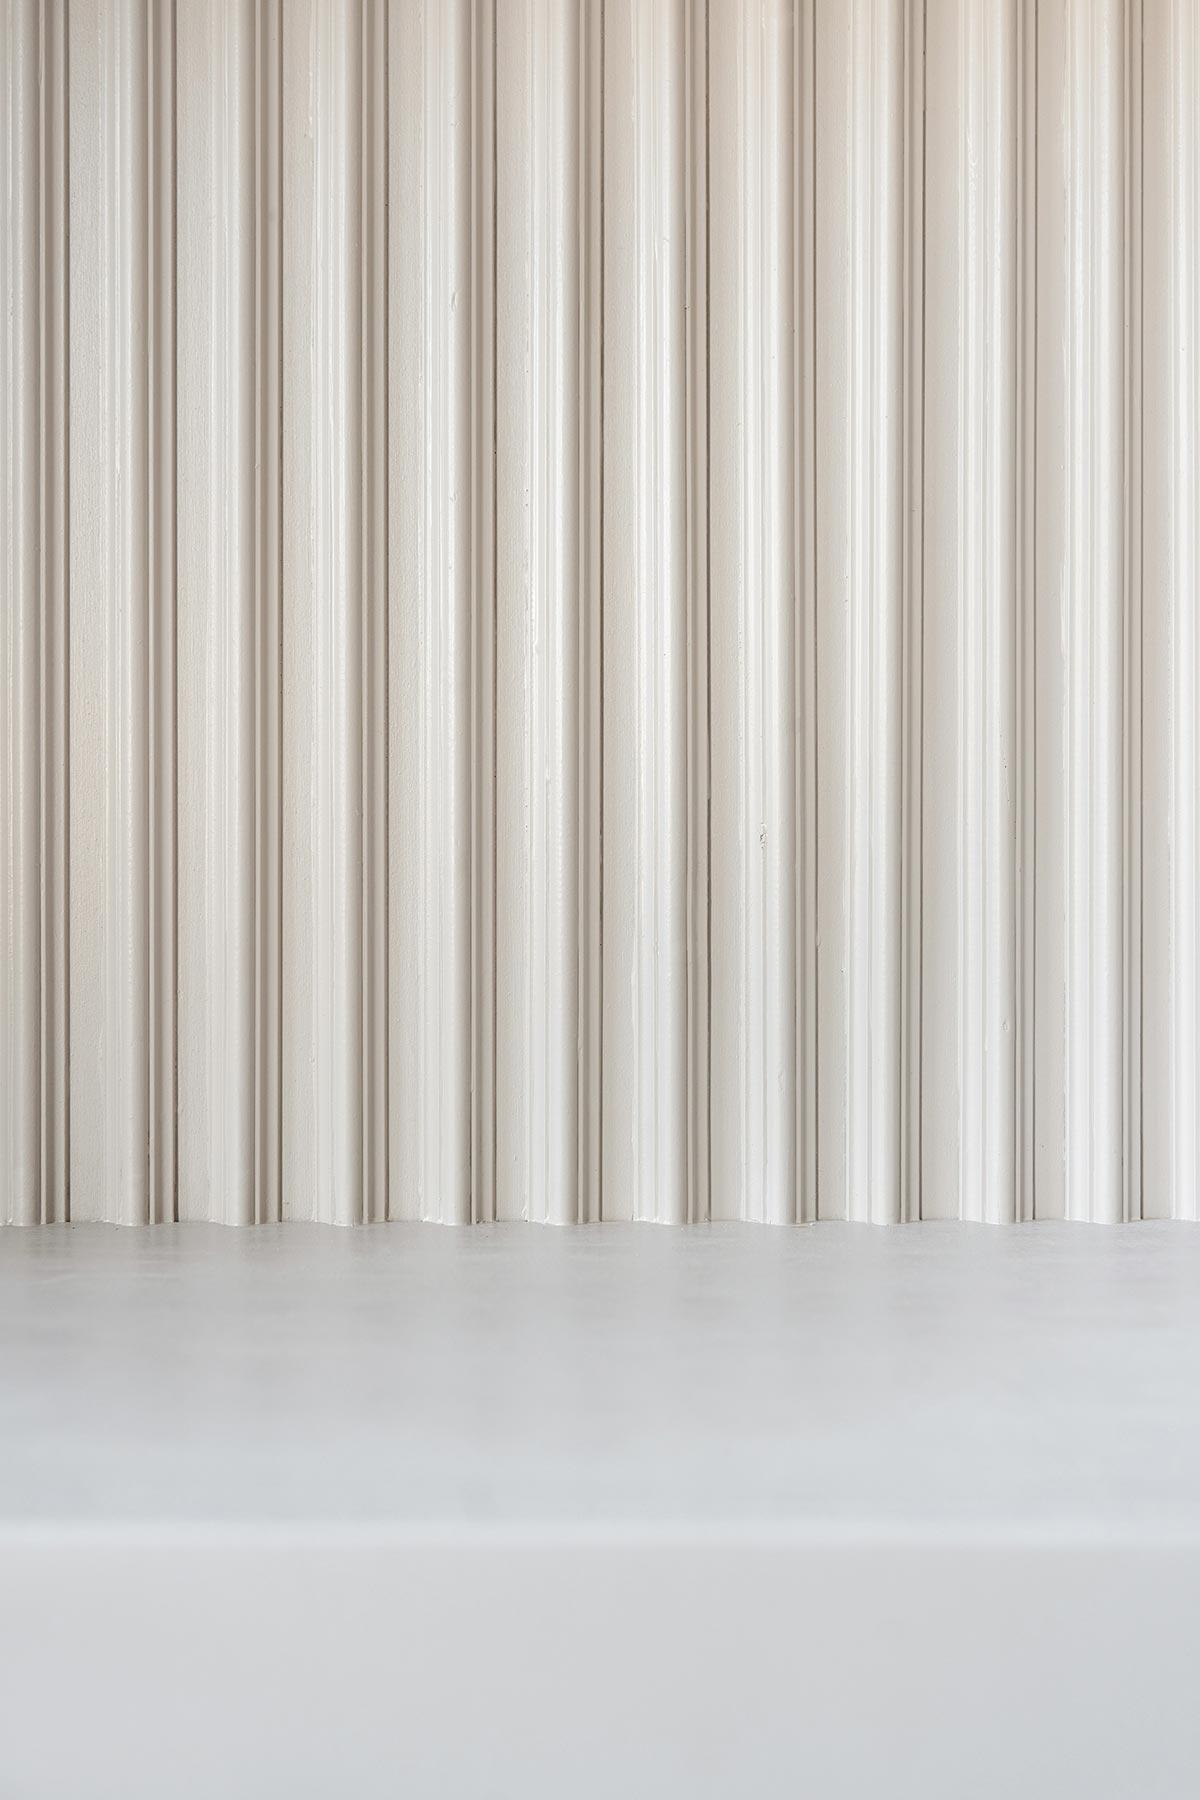 Sierlijsten DIY dressoir - Tanja van Hoogdalem